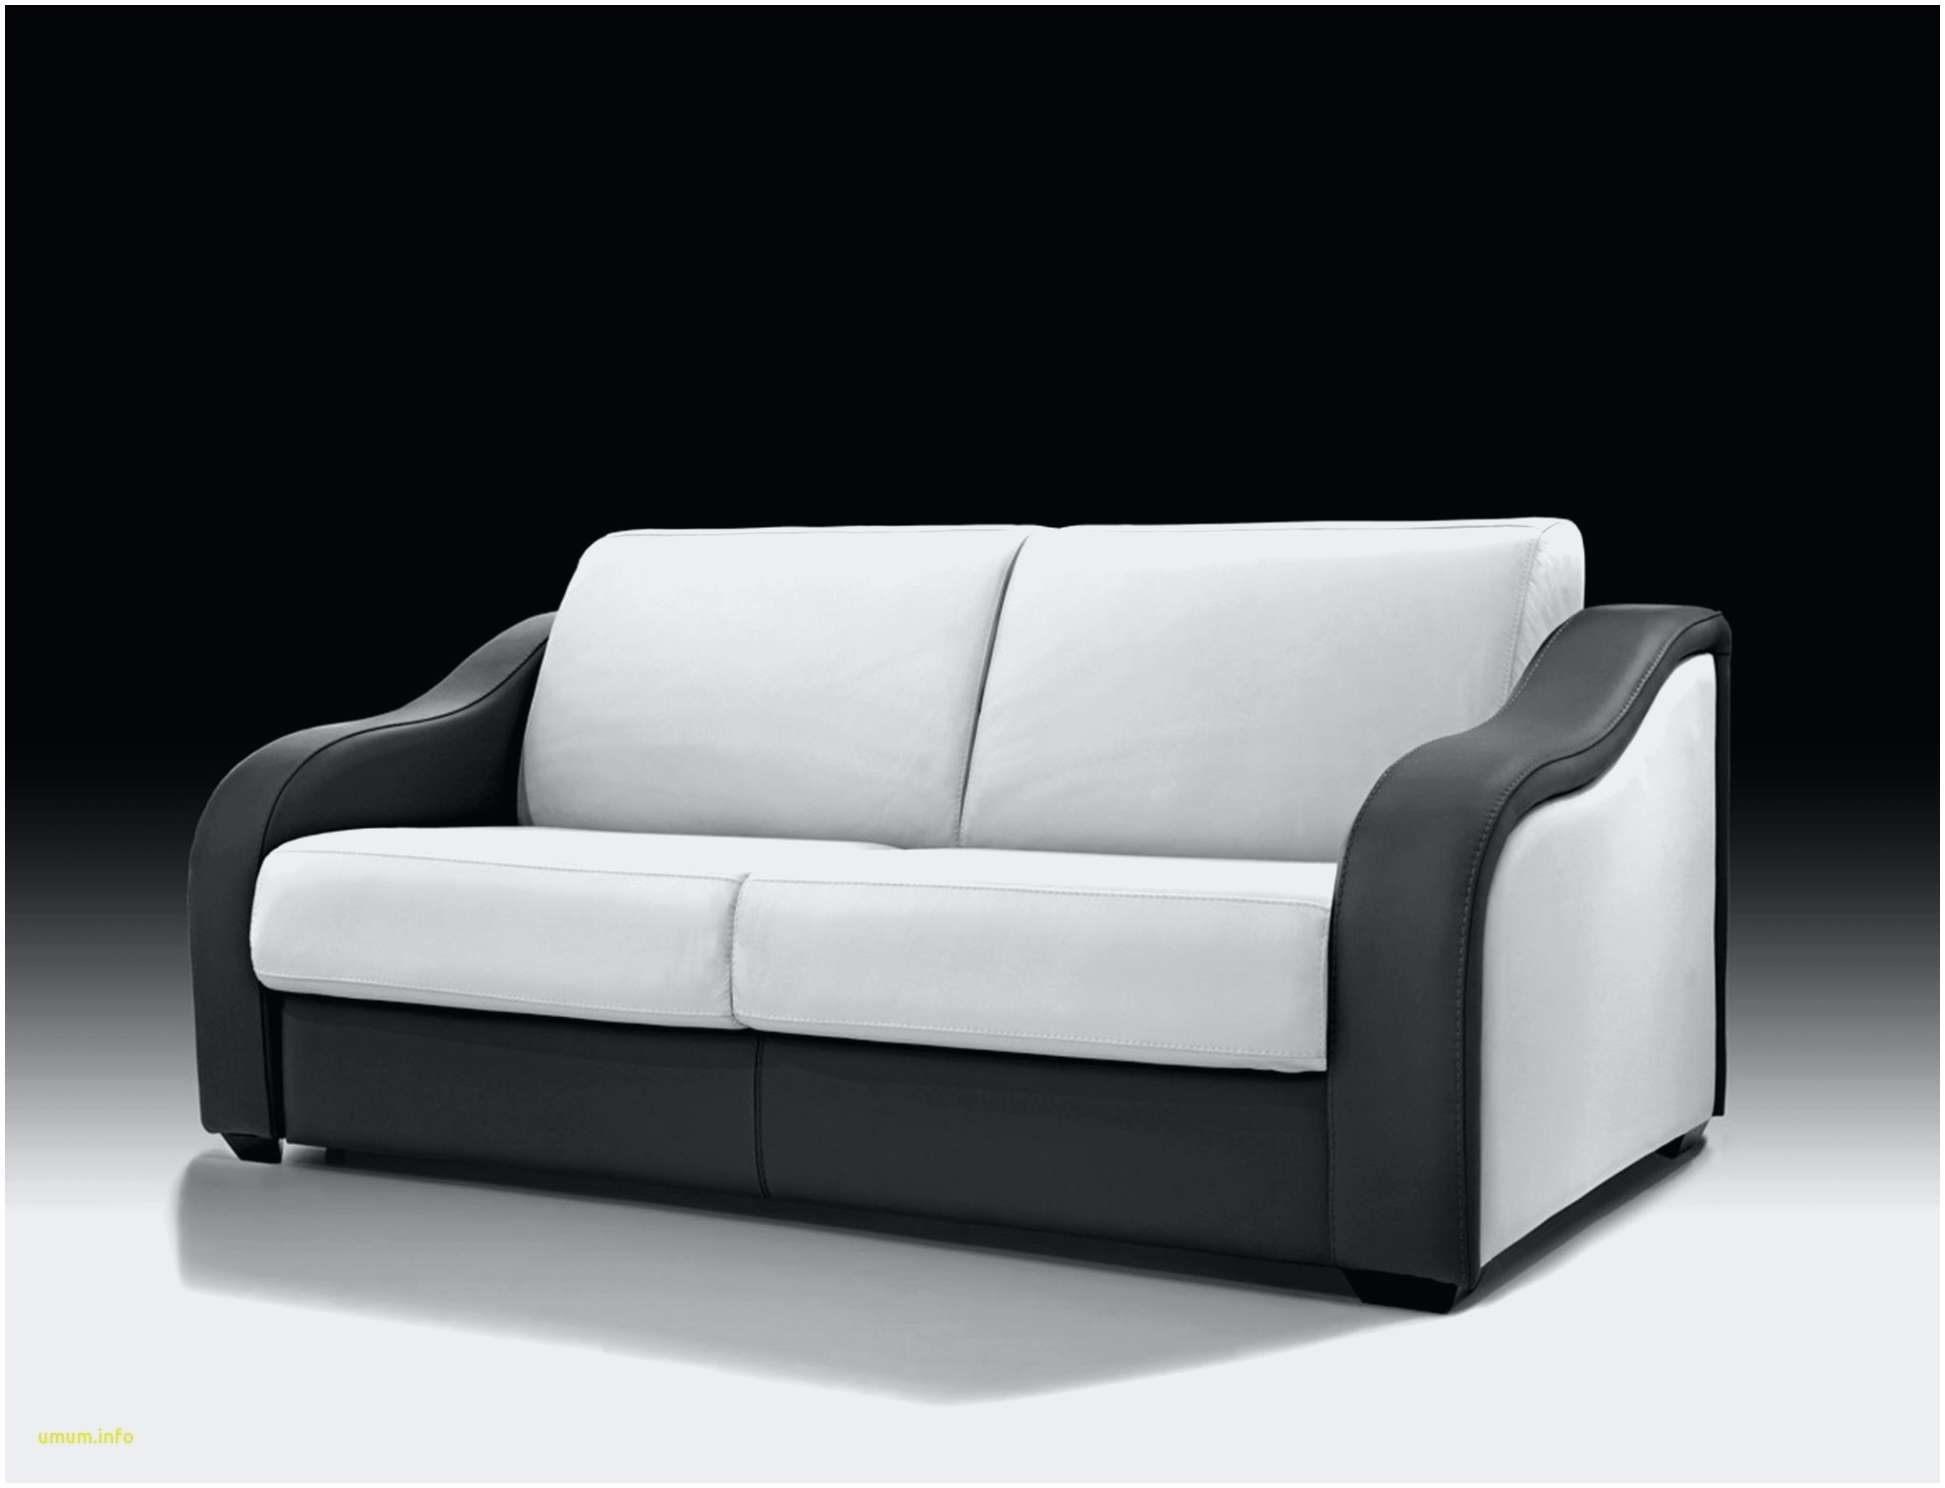 Ikea Canapé Lit Convertible Douce Inspiré Canapé Non Convertible — Mikea Galerie Pour Alternative